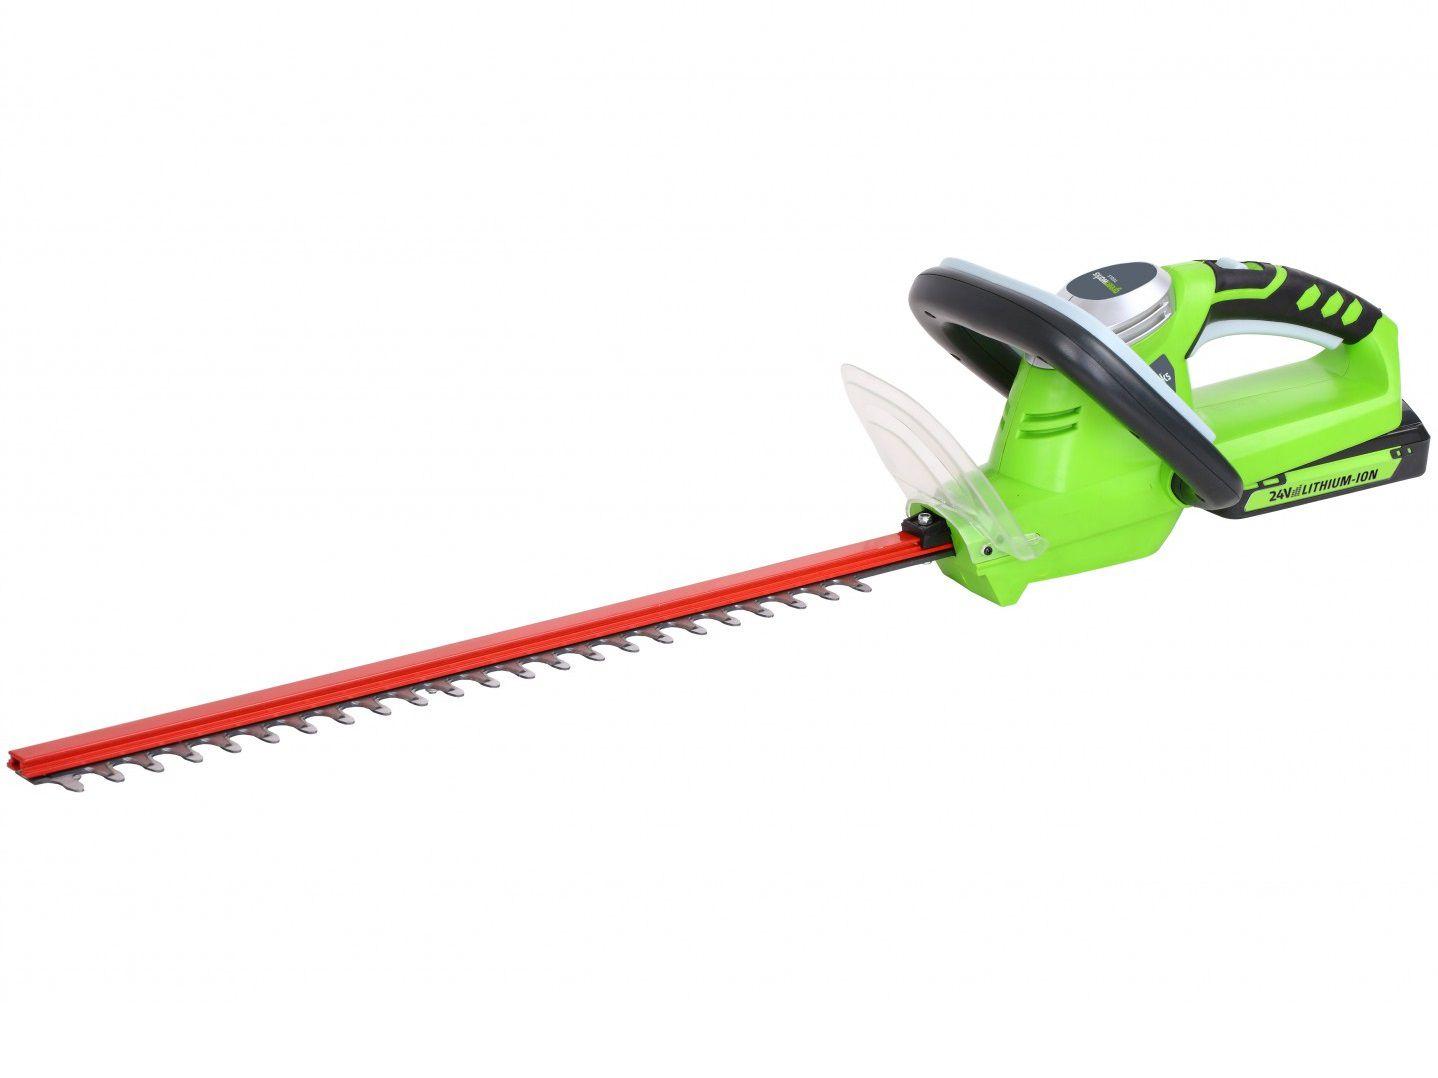 Greenworks G24HT54 Aku nůžky na živý plot - 24V, 54cm, 2.7kg, bez akumulátoru a nabíječky (2201207) Greenworks Tools